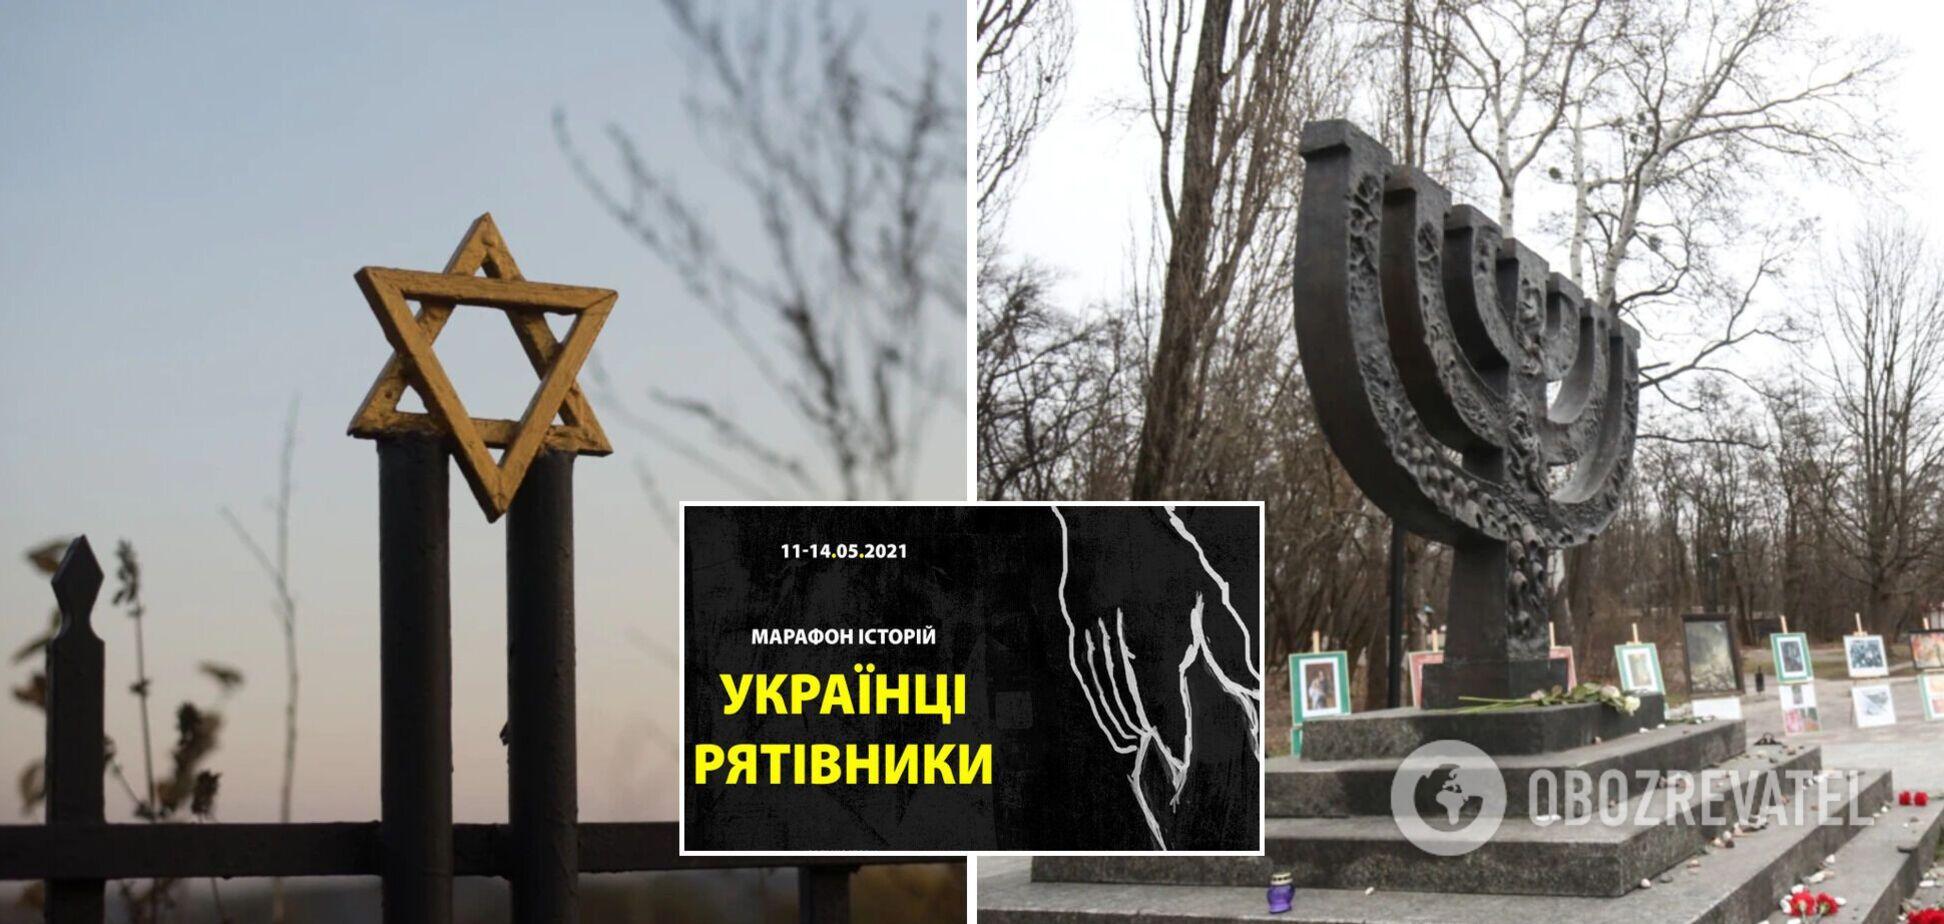 В Україні вперше відзначать День пам'яті громадян, які рятували євреїв у Другій світовій війні